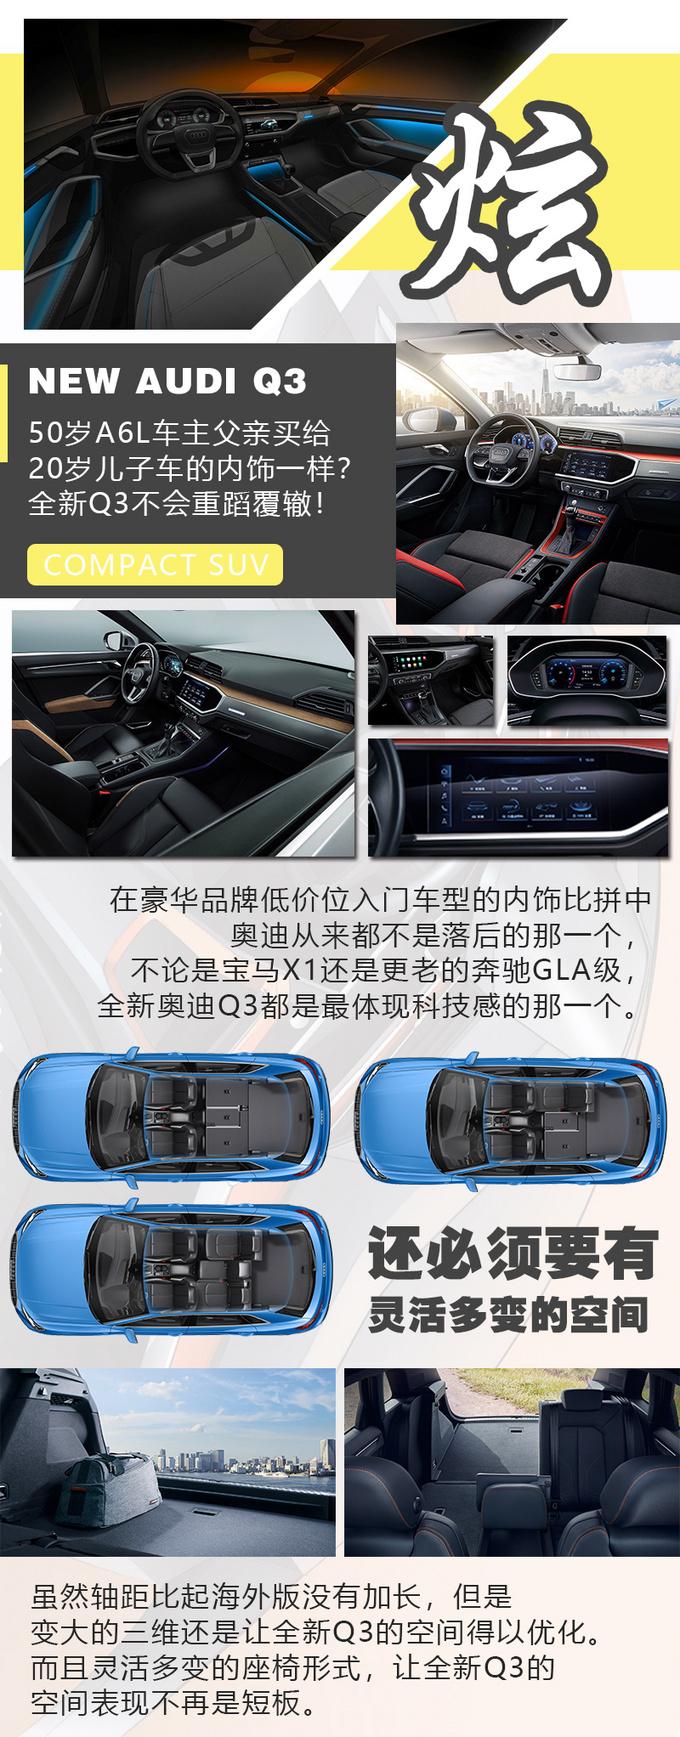 用最低�r�I一�_豪�A品牌SUV ���RX1/�W迪Q3你�x�l-�D7